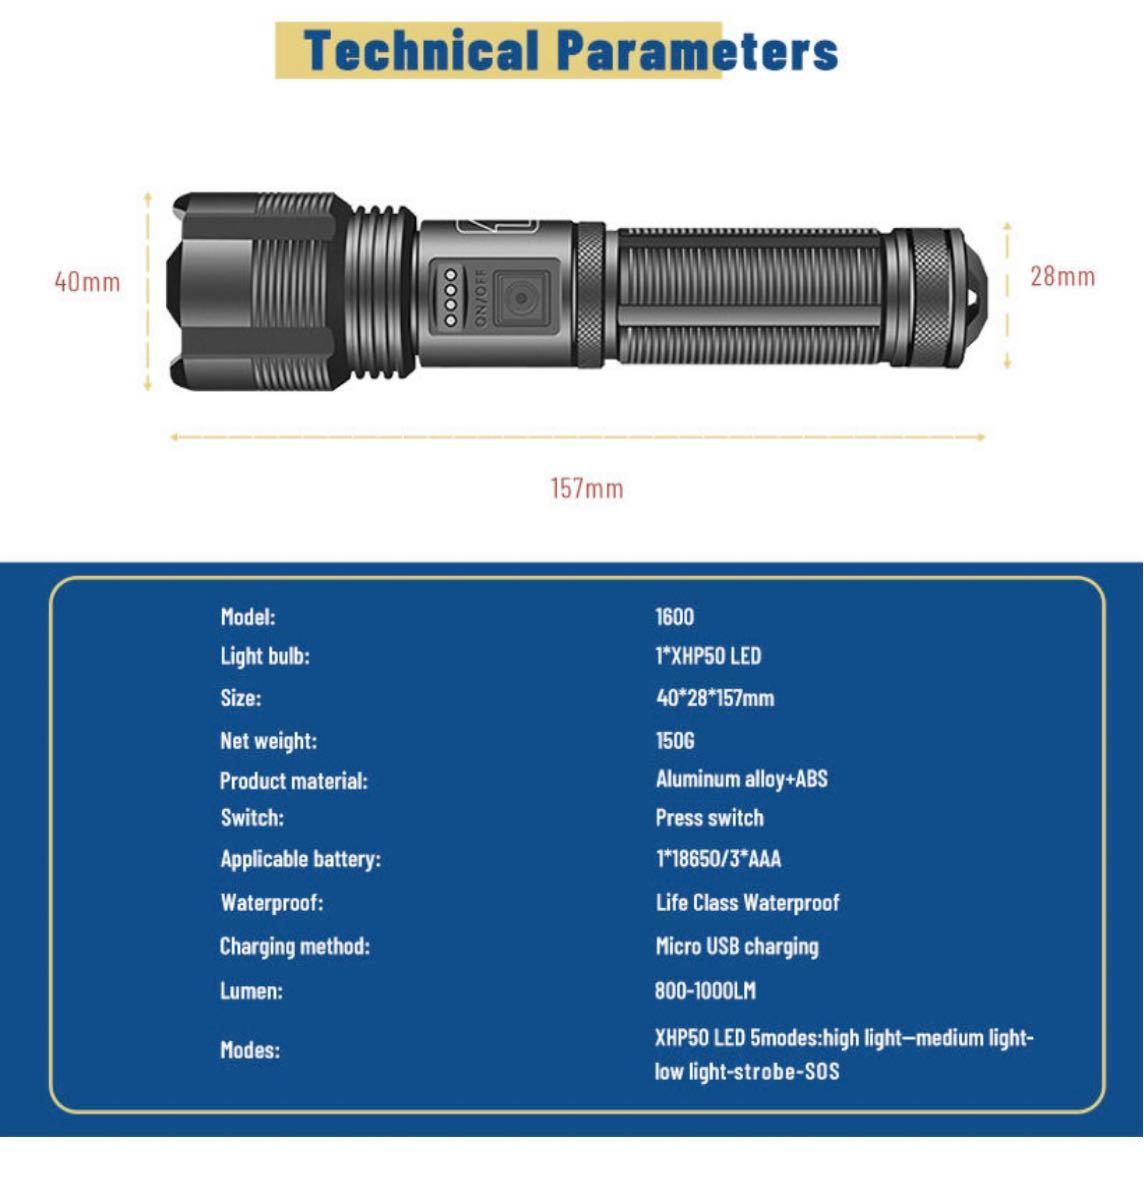 最新LED XHP50!超強力・高輝度タクティカルハンディライト・ランタン 懐中電灯2※18650バッテリー付!充電式 アウトドア